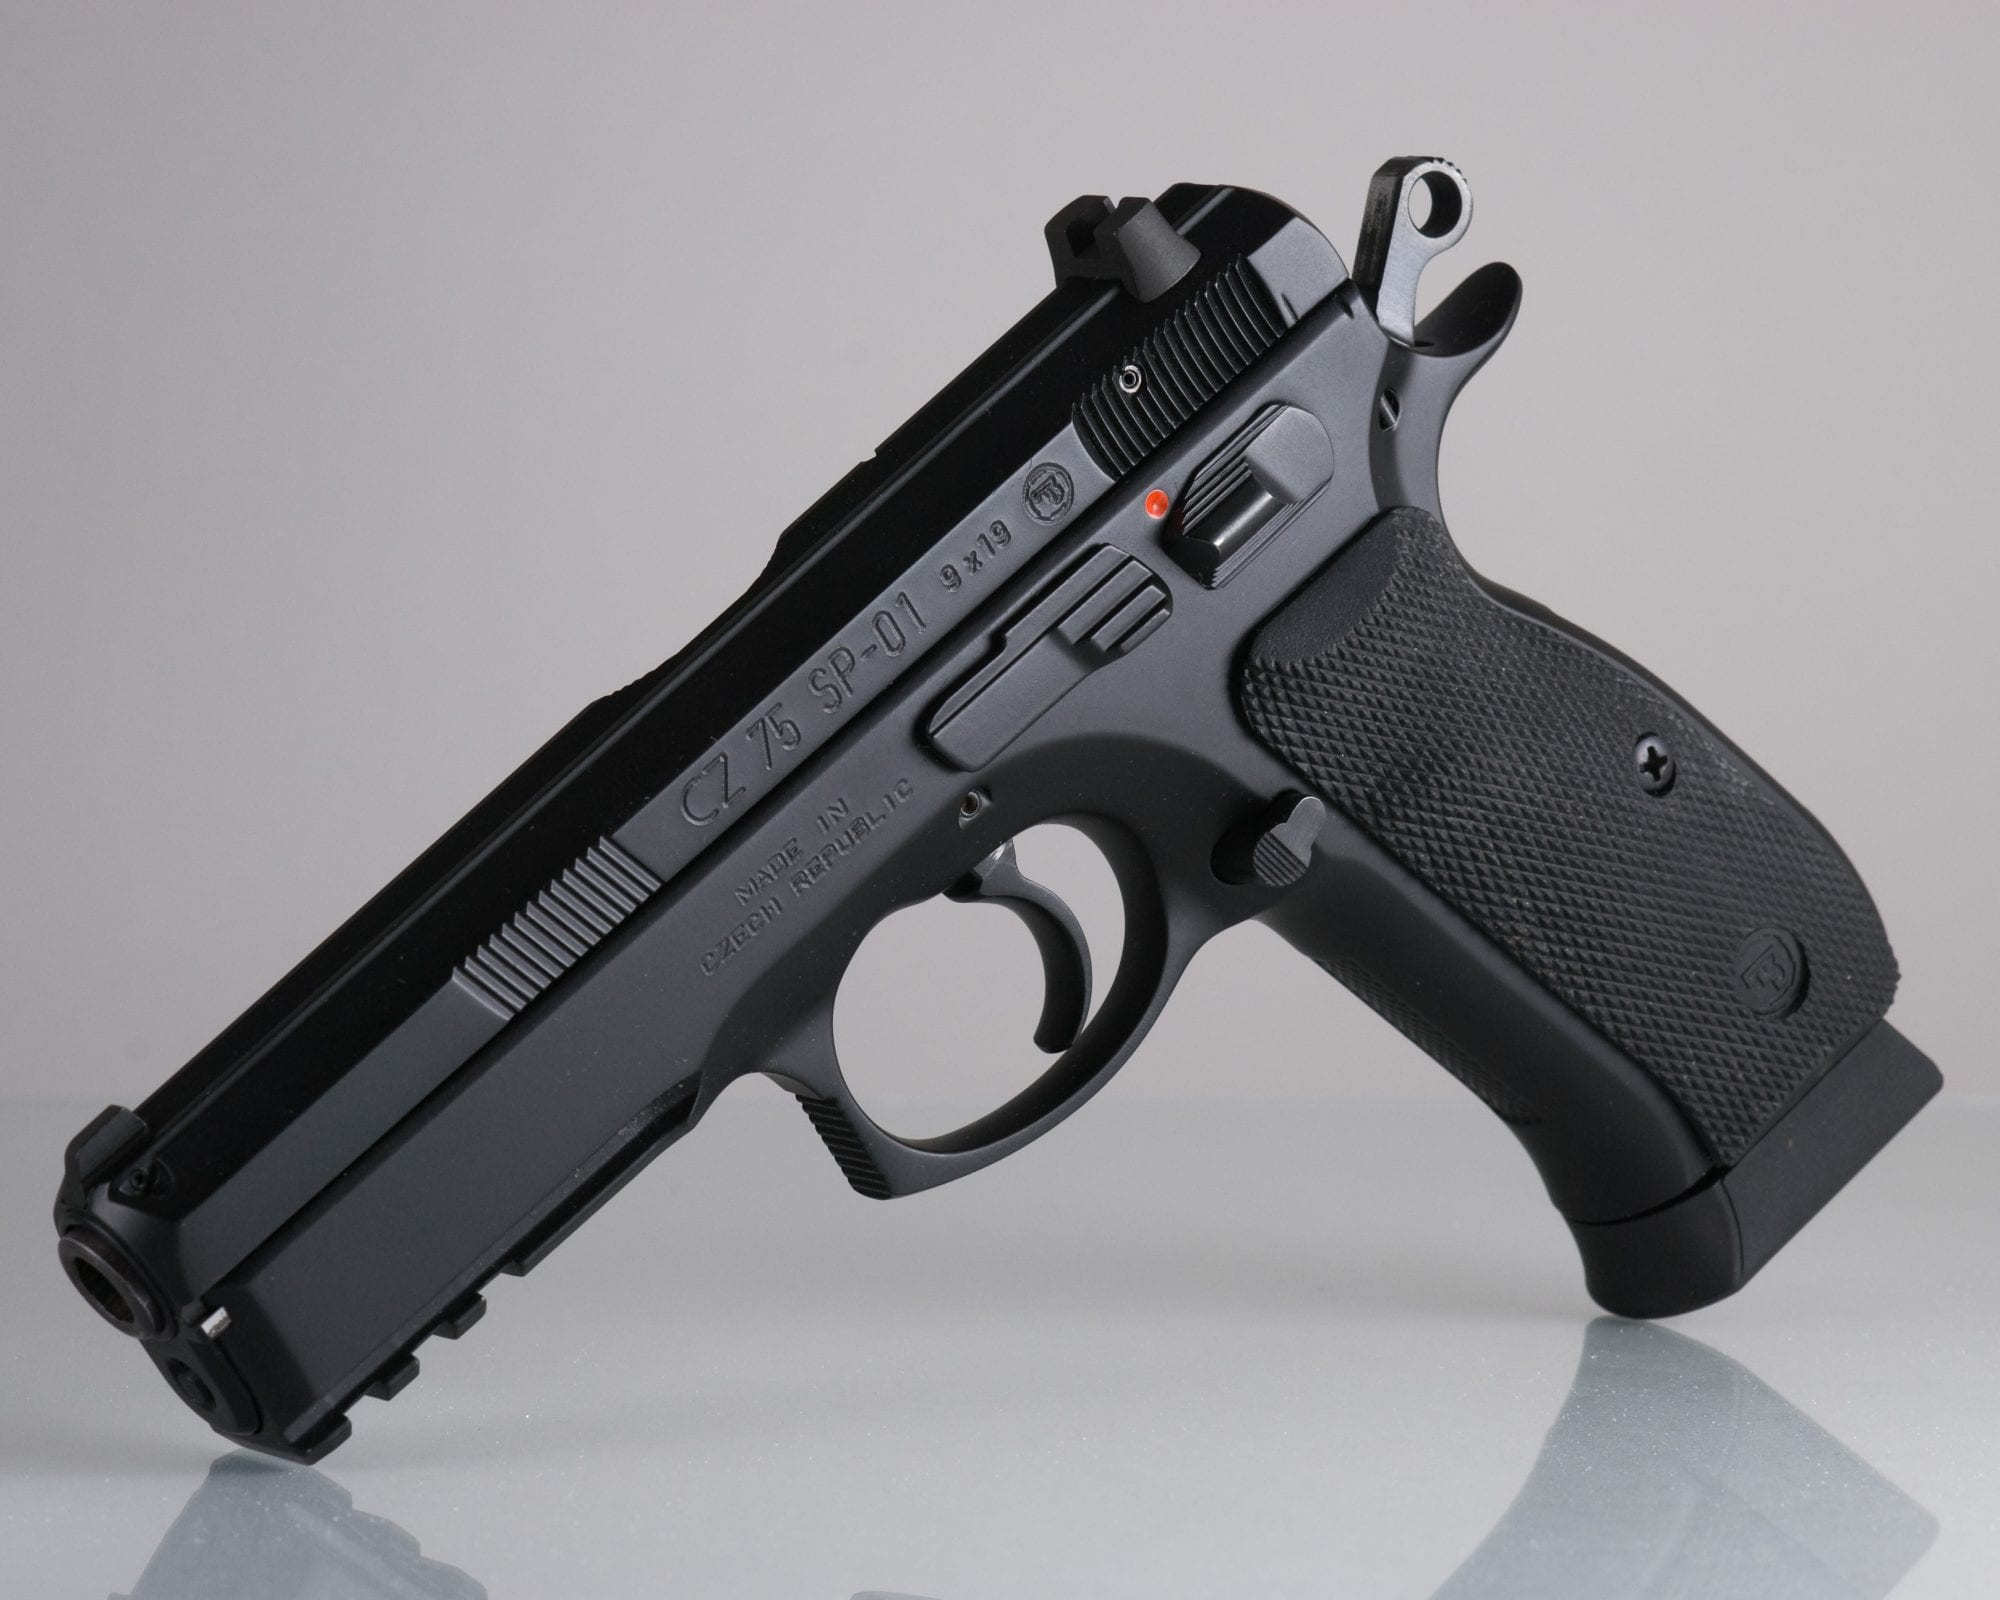 ปืน9ม.ม CZ75 ครองอันดับหนึ่ง คนนิยมมากที่สุด